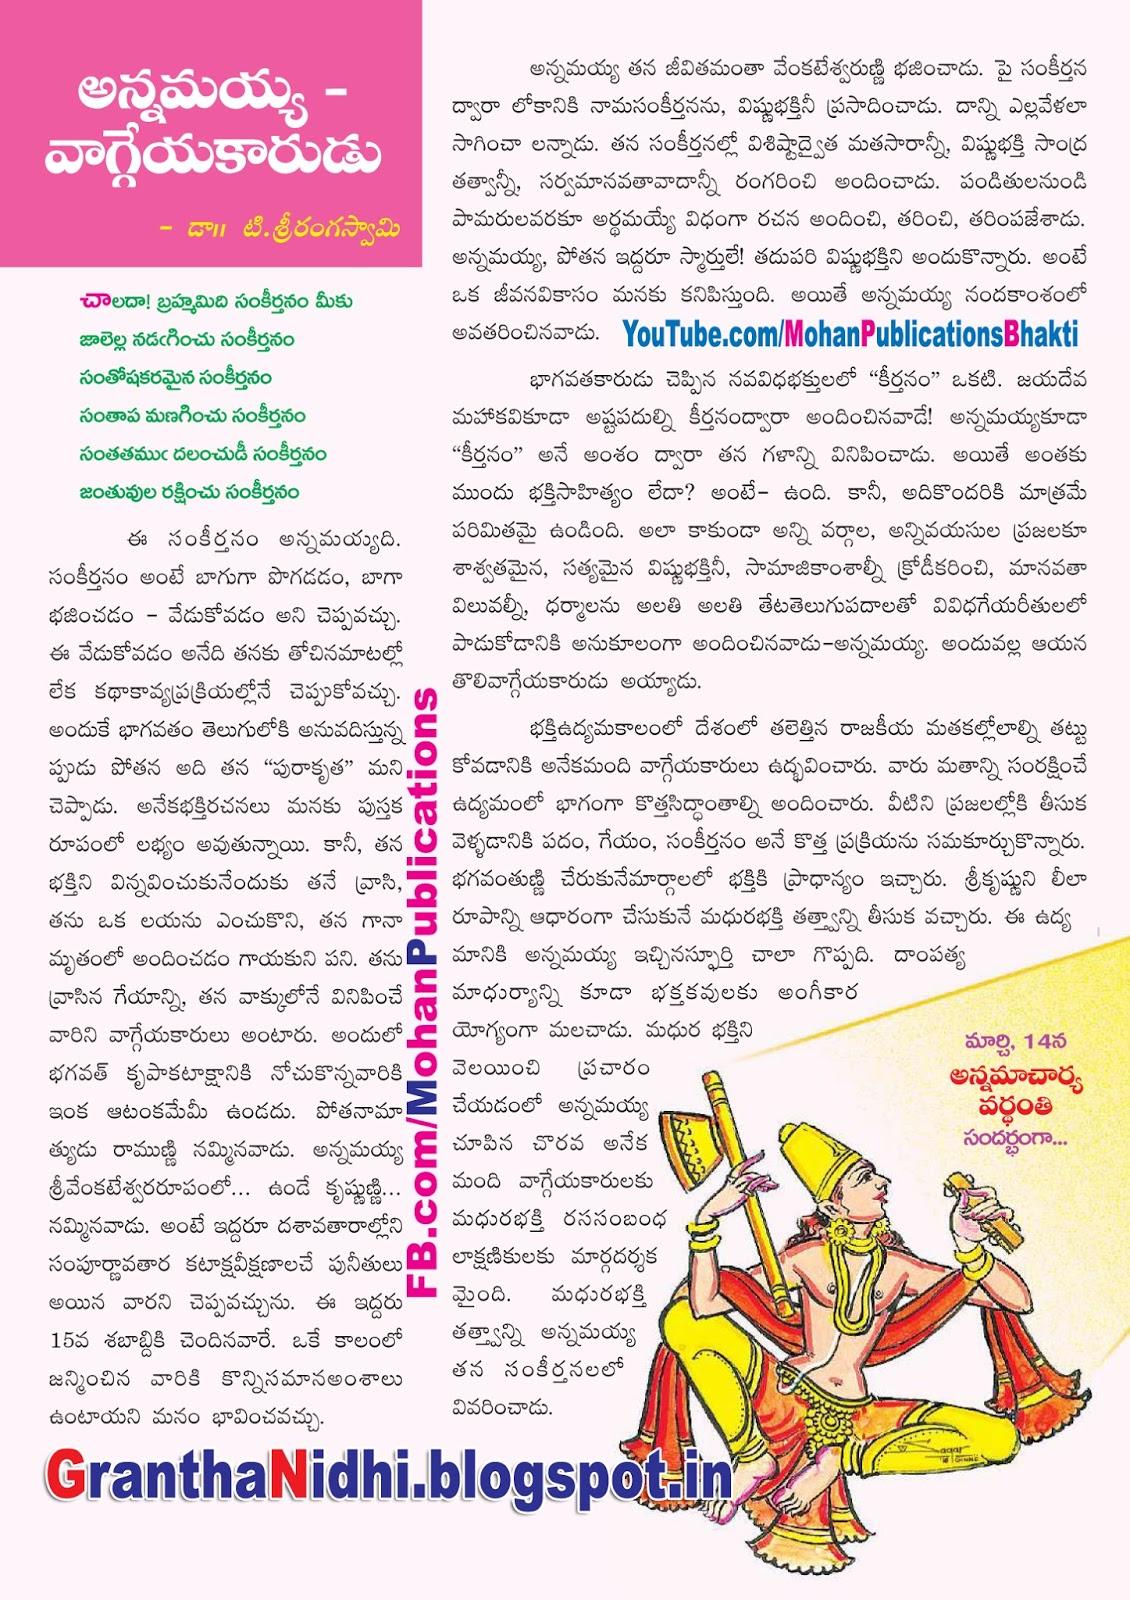 అన్నమయ్య వాగ్గేకారుడు Annamacharya Annamayya Indian Ancient Composer Tallapaka Annamacharya Annamayya Sankeerthana Carnatic Music Vaggeyakar Hindu Saint Bhakthi Pustakalu BhakthiPustakalu Bhakti Pustakalu BhaktiPustakalu TTD Ebooks Sapthagiri Saptagiri TTD Tirumala Tirupathi Tallapaka